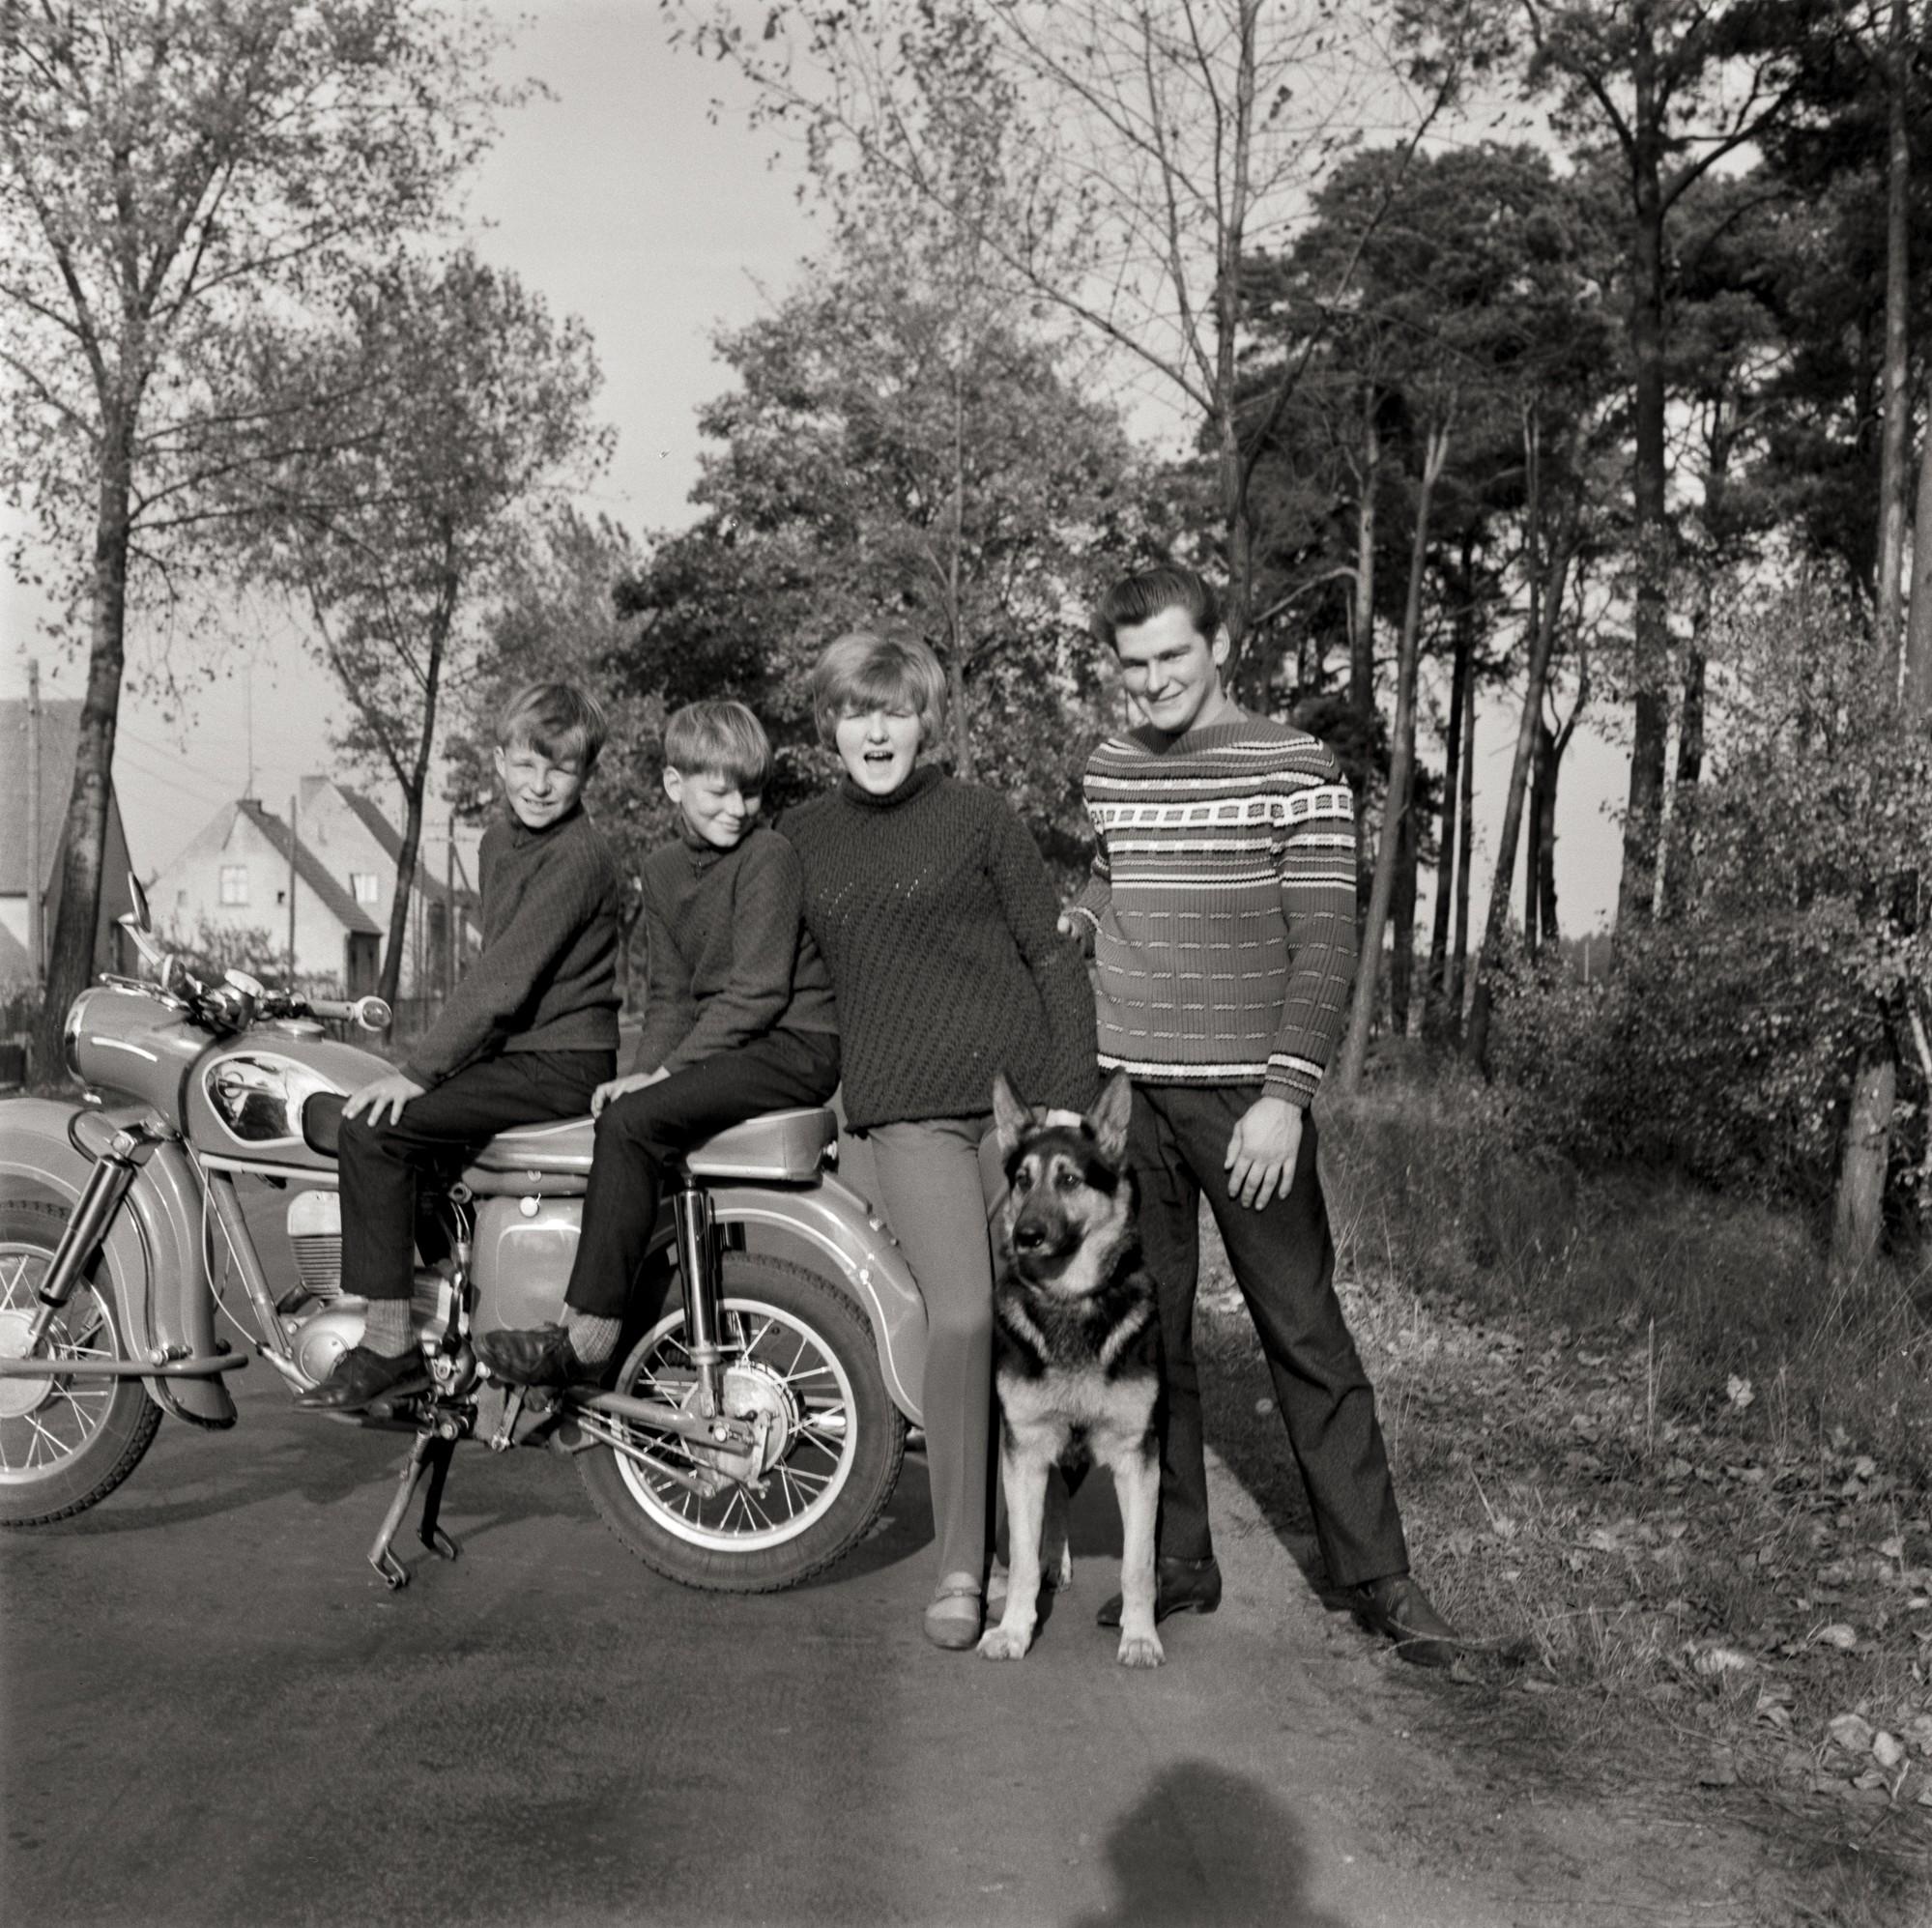 MZ ES 250 Forever - Page 2 Fotografie-von-jugendlichen-an-einem-motorrad-43815-2